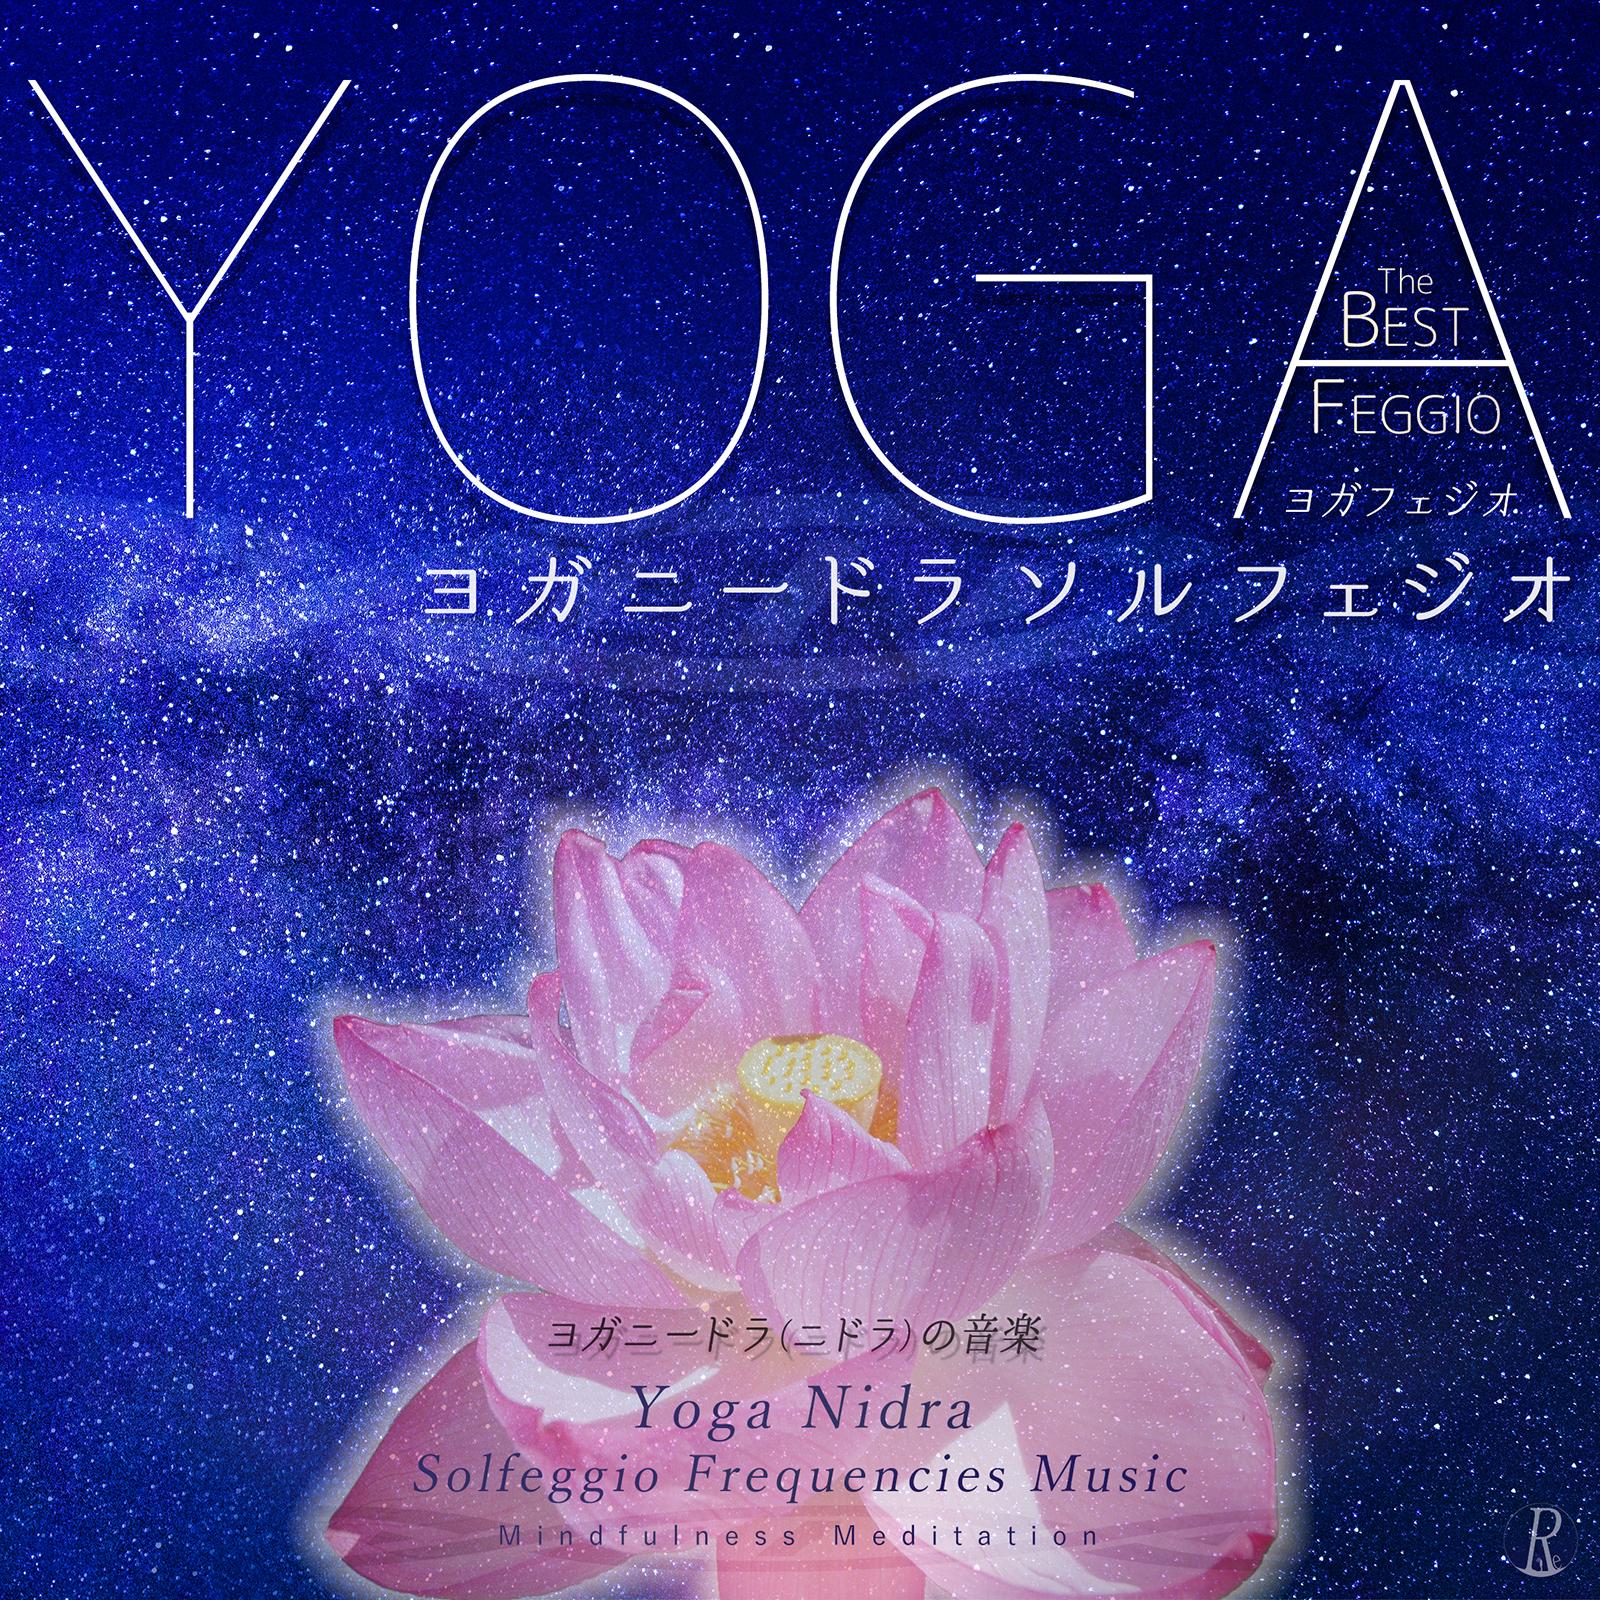 Relax Playlist - ヨガ ニードラ ソルフェジオ - ヨガニードラ(ニドラ)の音楽 - ヨガフェジオ